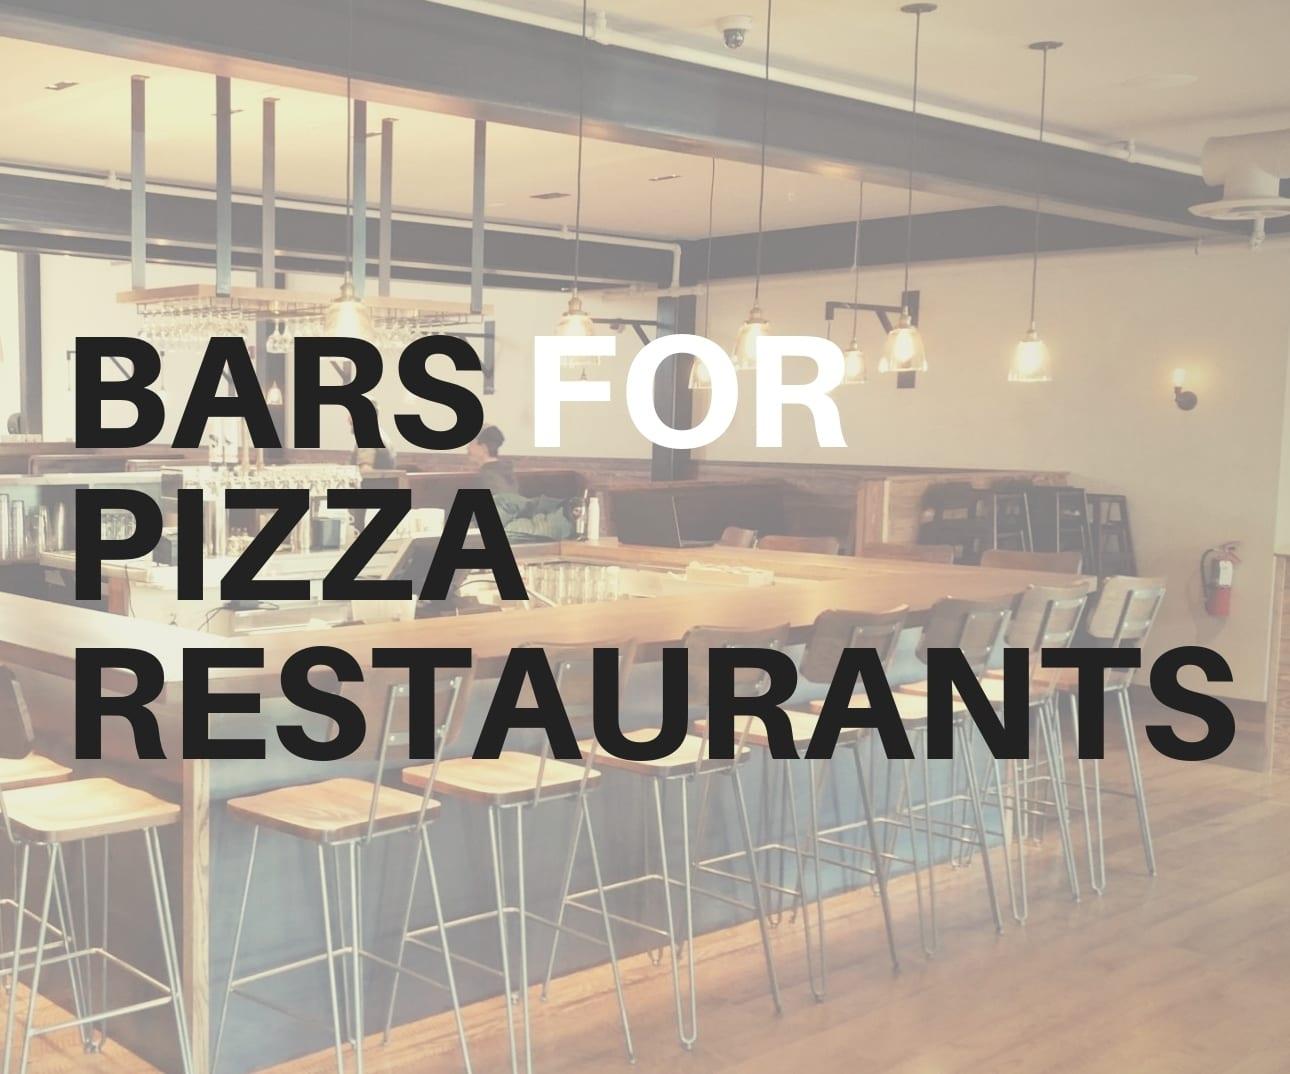 BARS-FOR-PIZZA-RESTAURANTS-TN